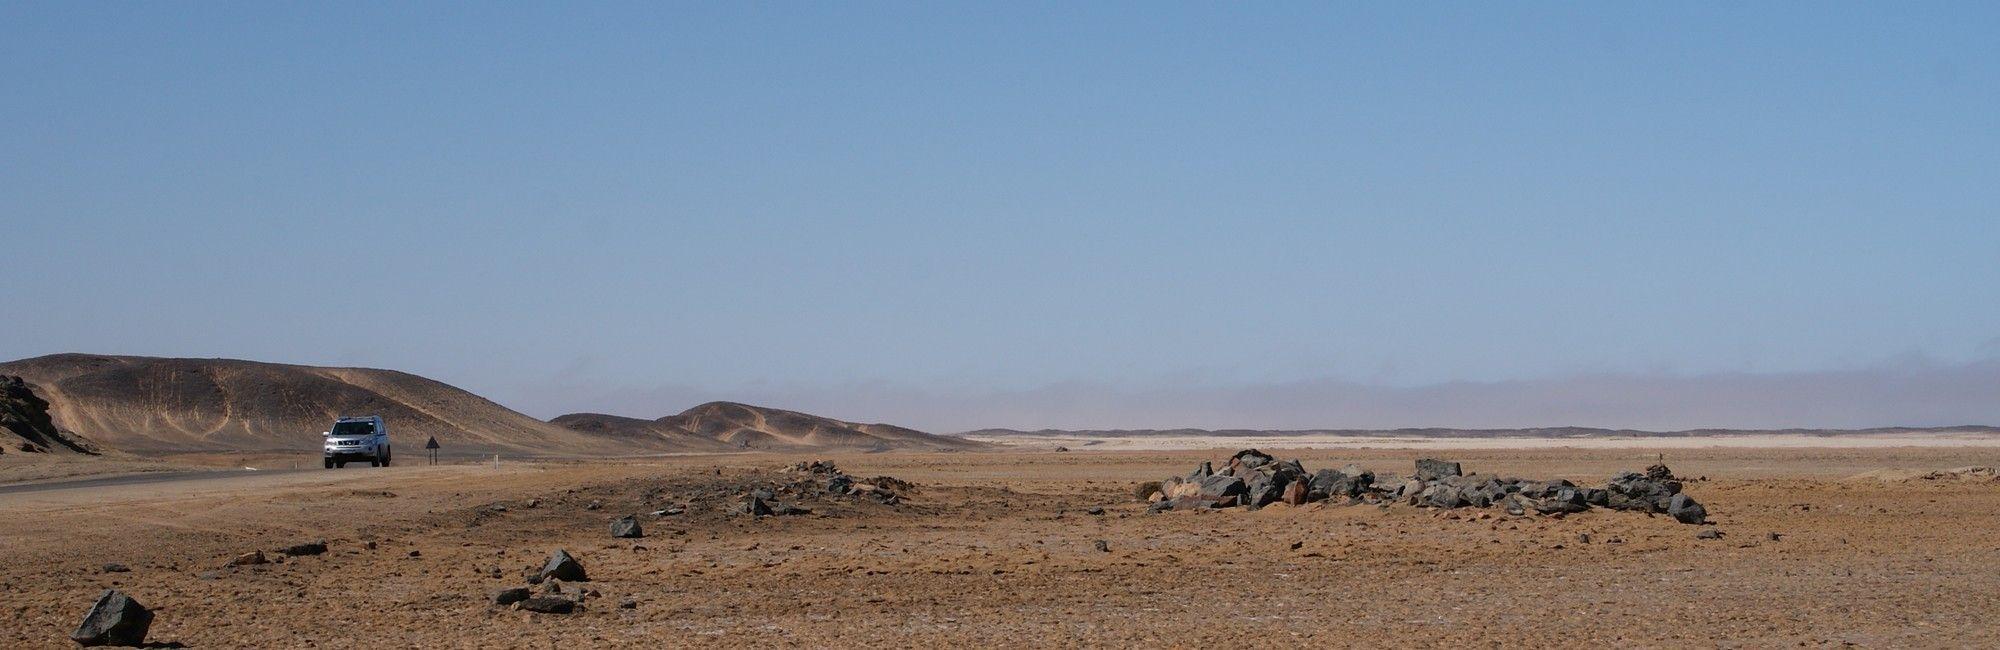 Rondreis Namibie Botswana